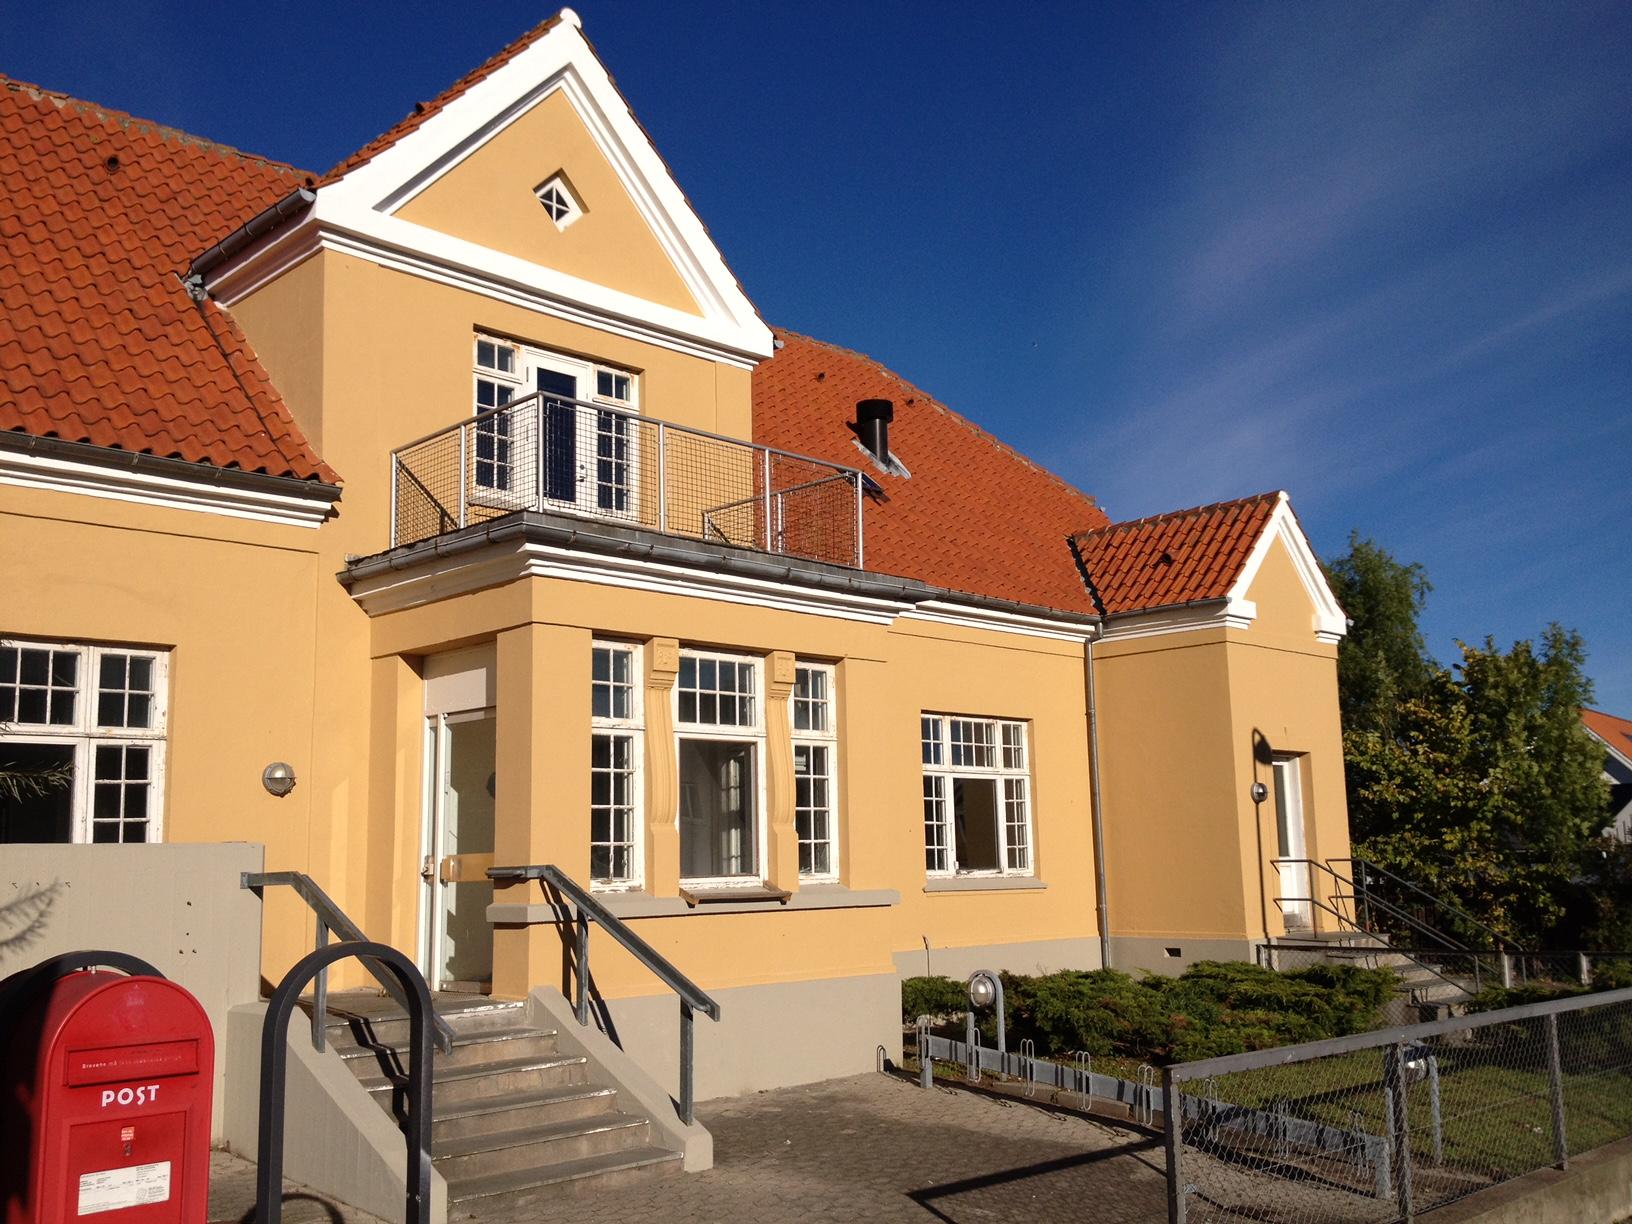 Posthuset skal være Gillelejes nye foreningshus